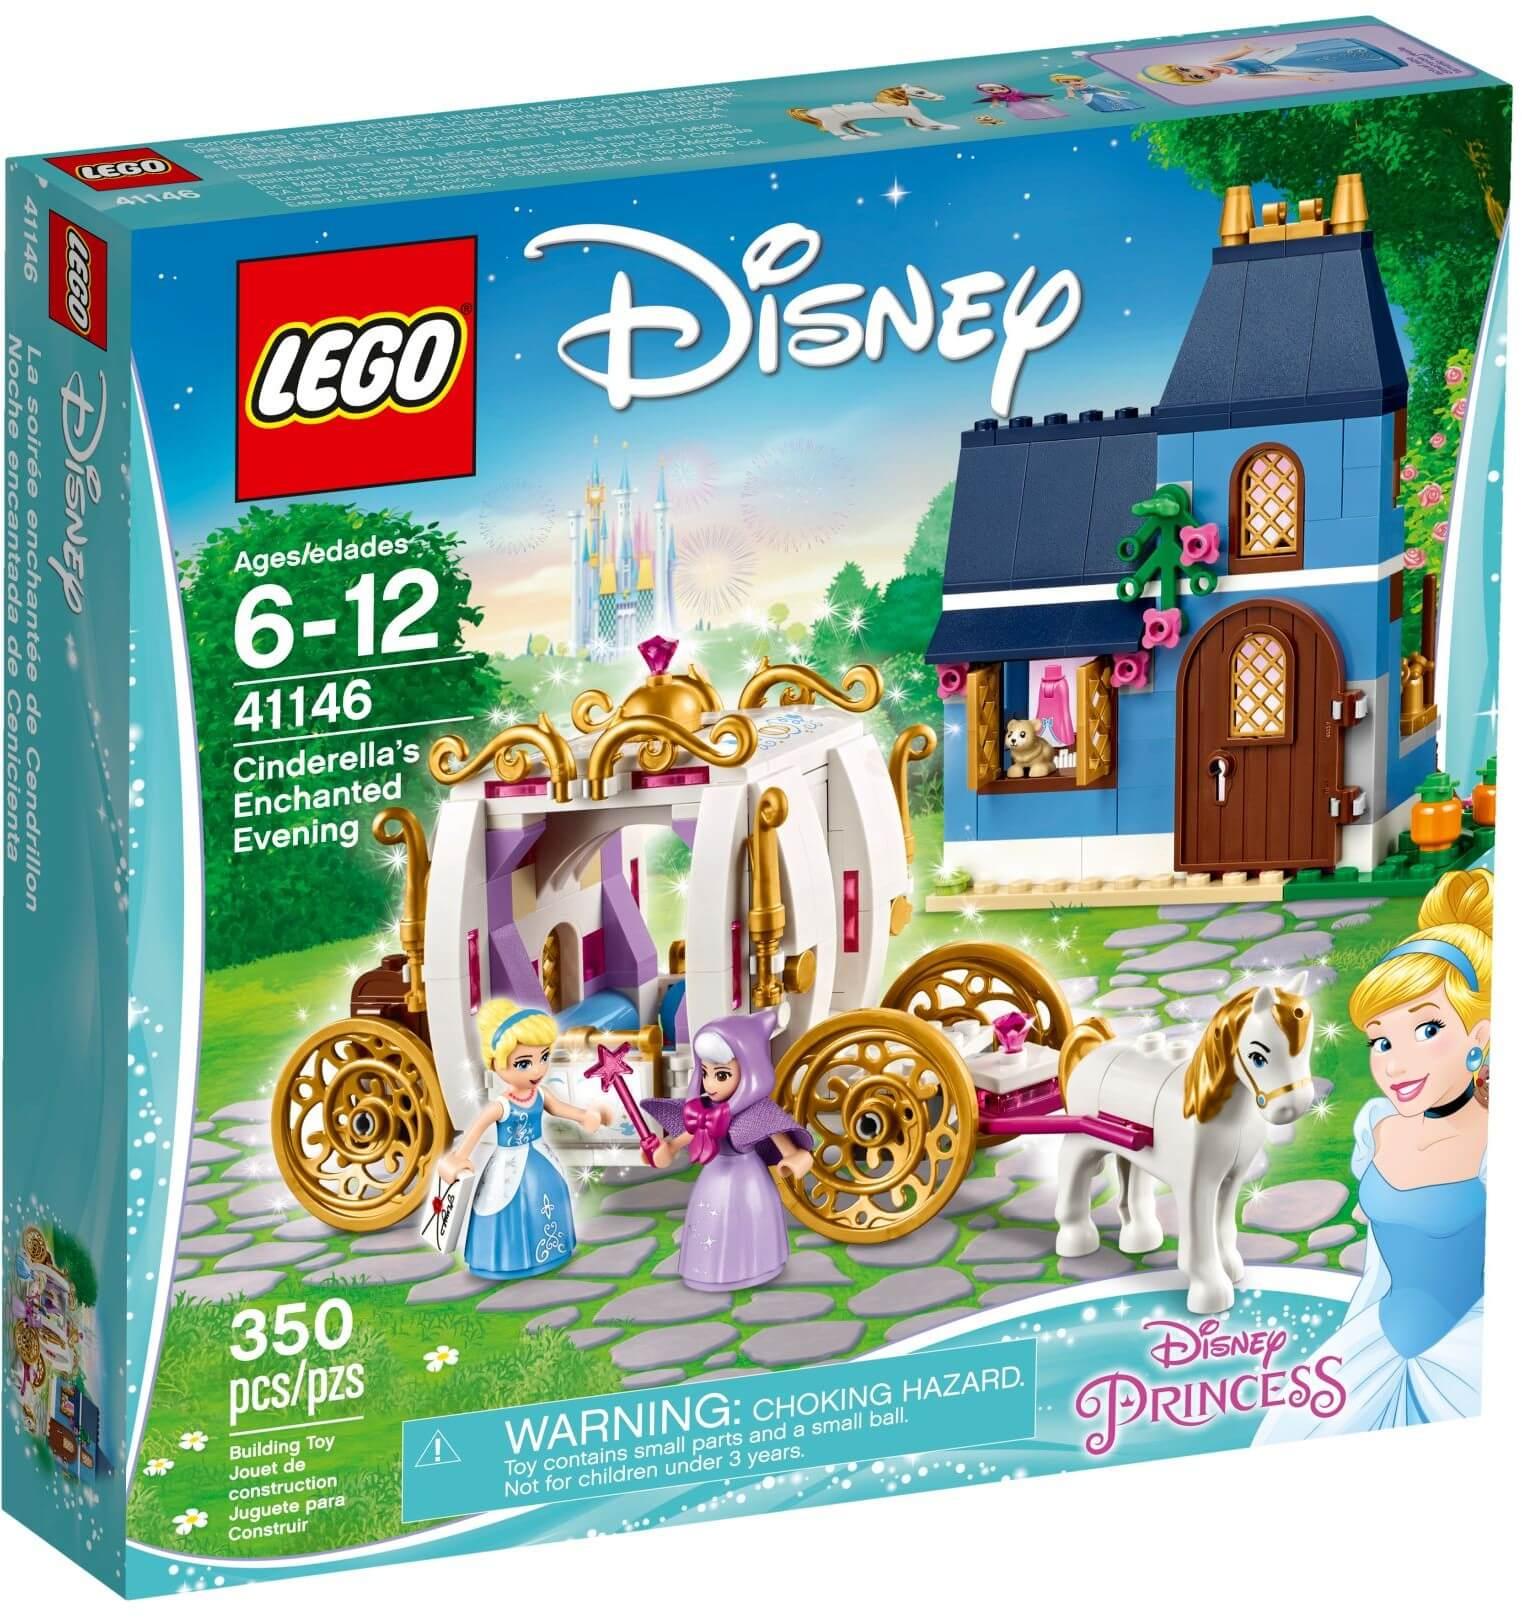 Mua đồ chơi LEGO 41146 - LEGO Công Chúa Disney 41146 - Công Chúa Lọ Lem Cinderella và Cô Tiên (LEGO Disney Princess Cinderella's Enchanted Evening)